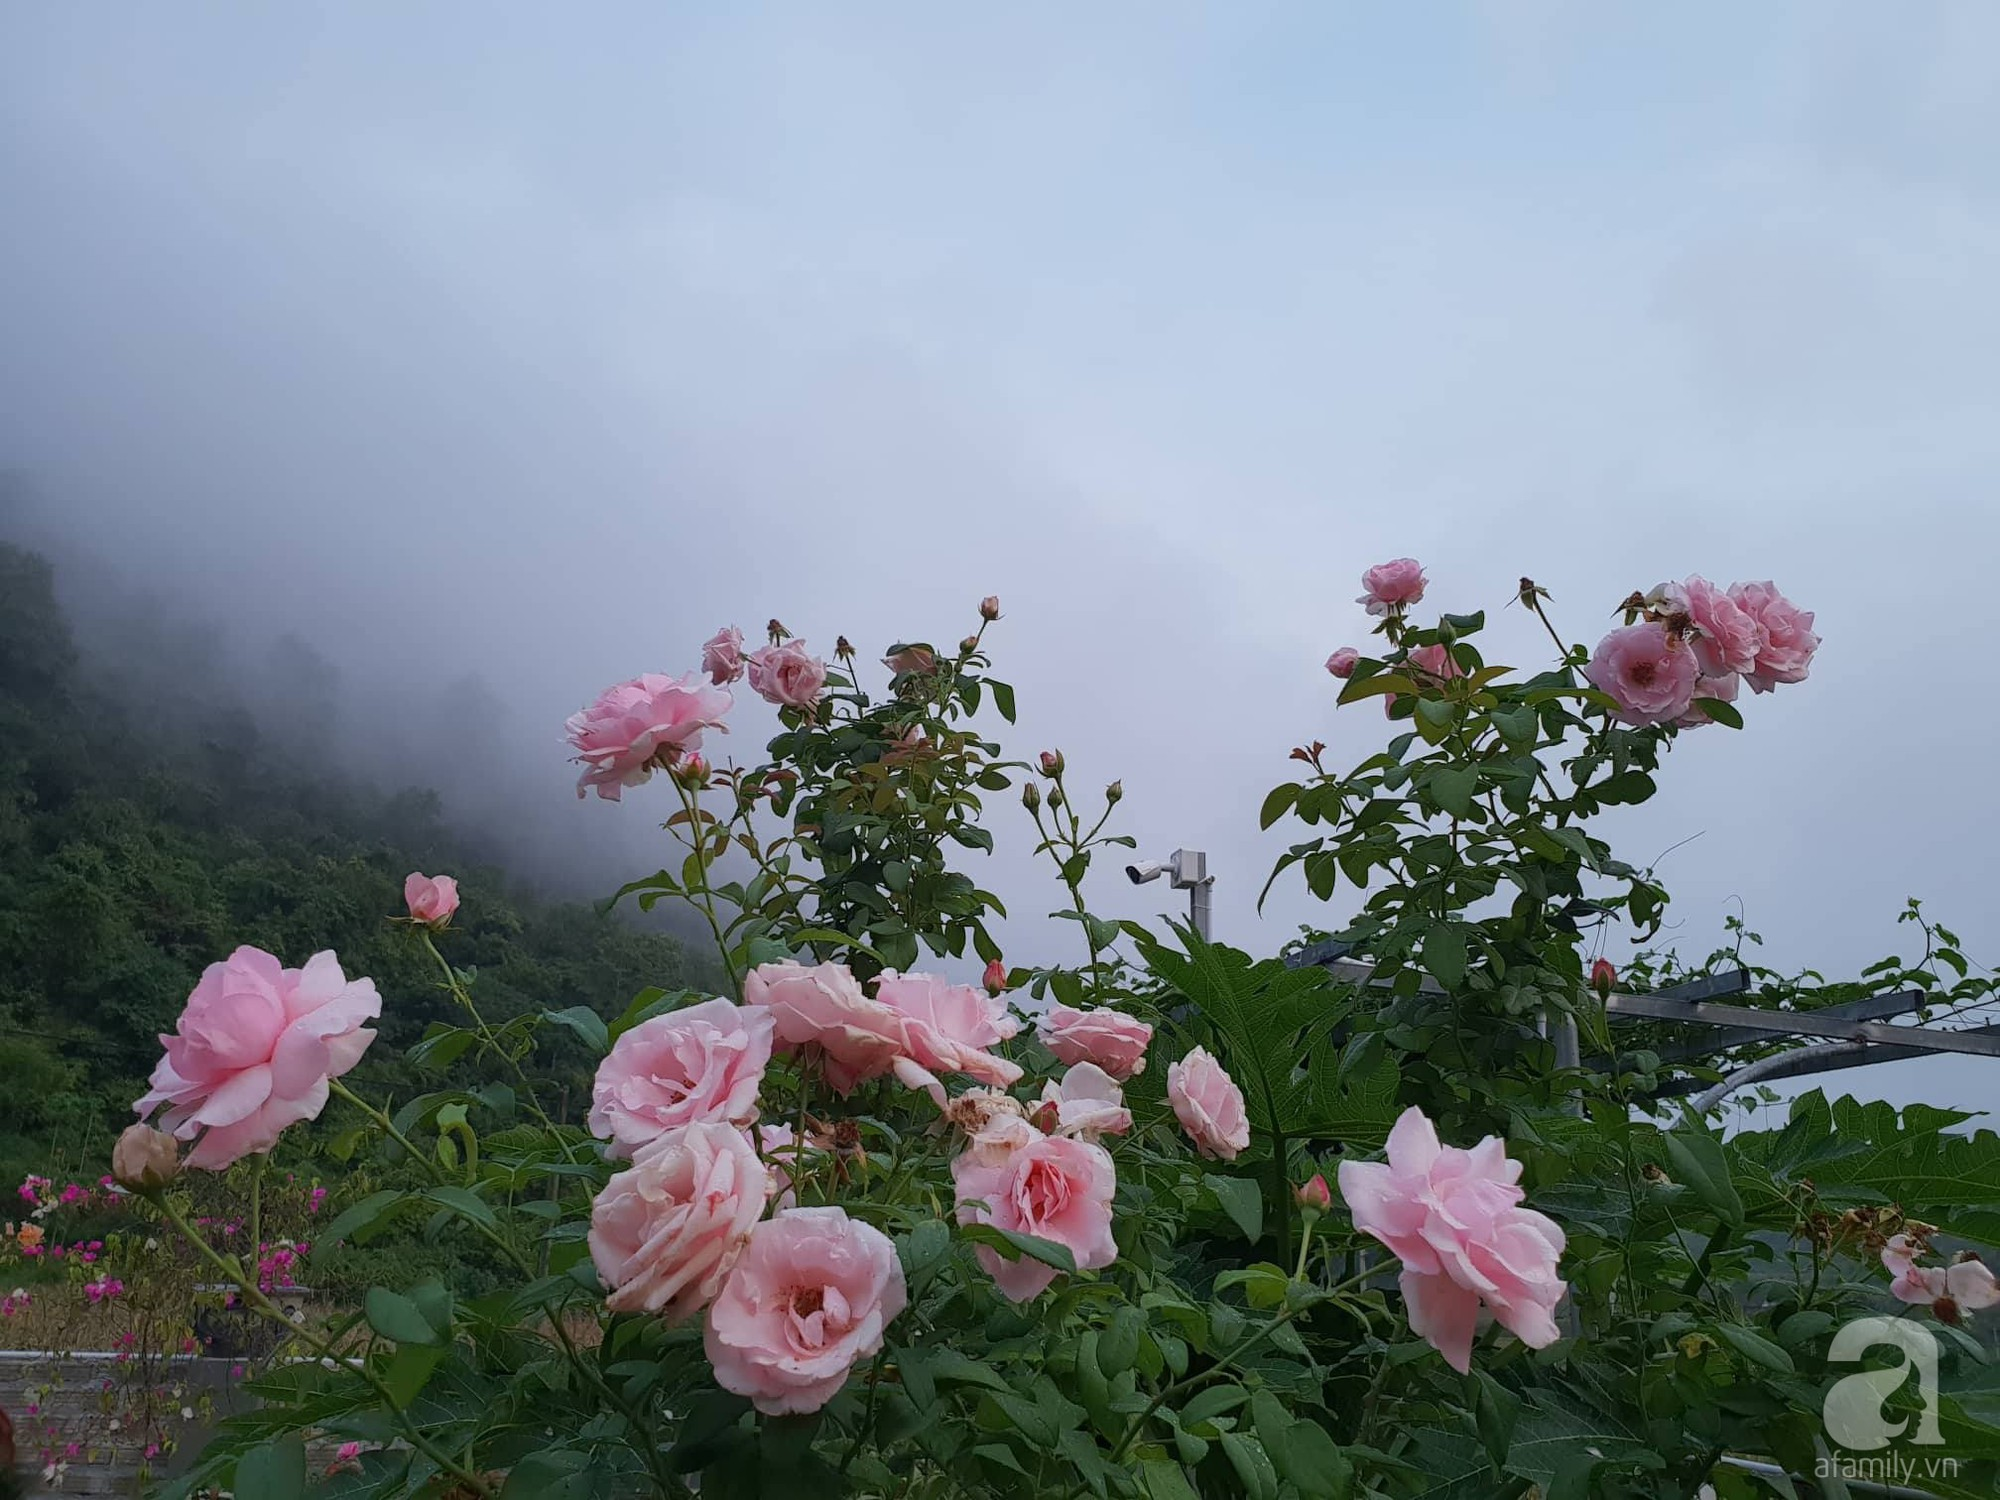 Ngôi nhà hoa hồng thơm ngát và rực rỡ với hàng trăm gốc hồng trên triền núi của cô giáo ở Cao Bằng - Ảnh 9.